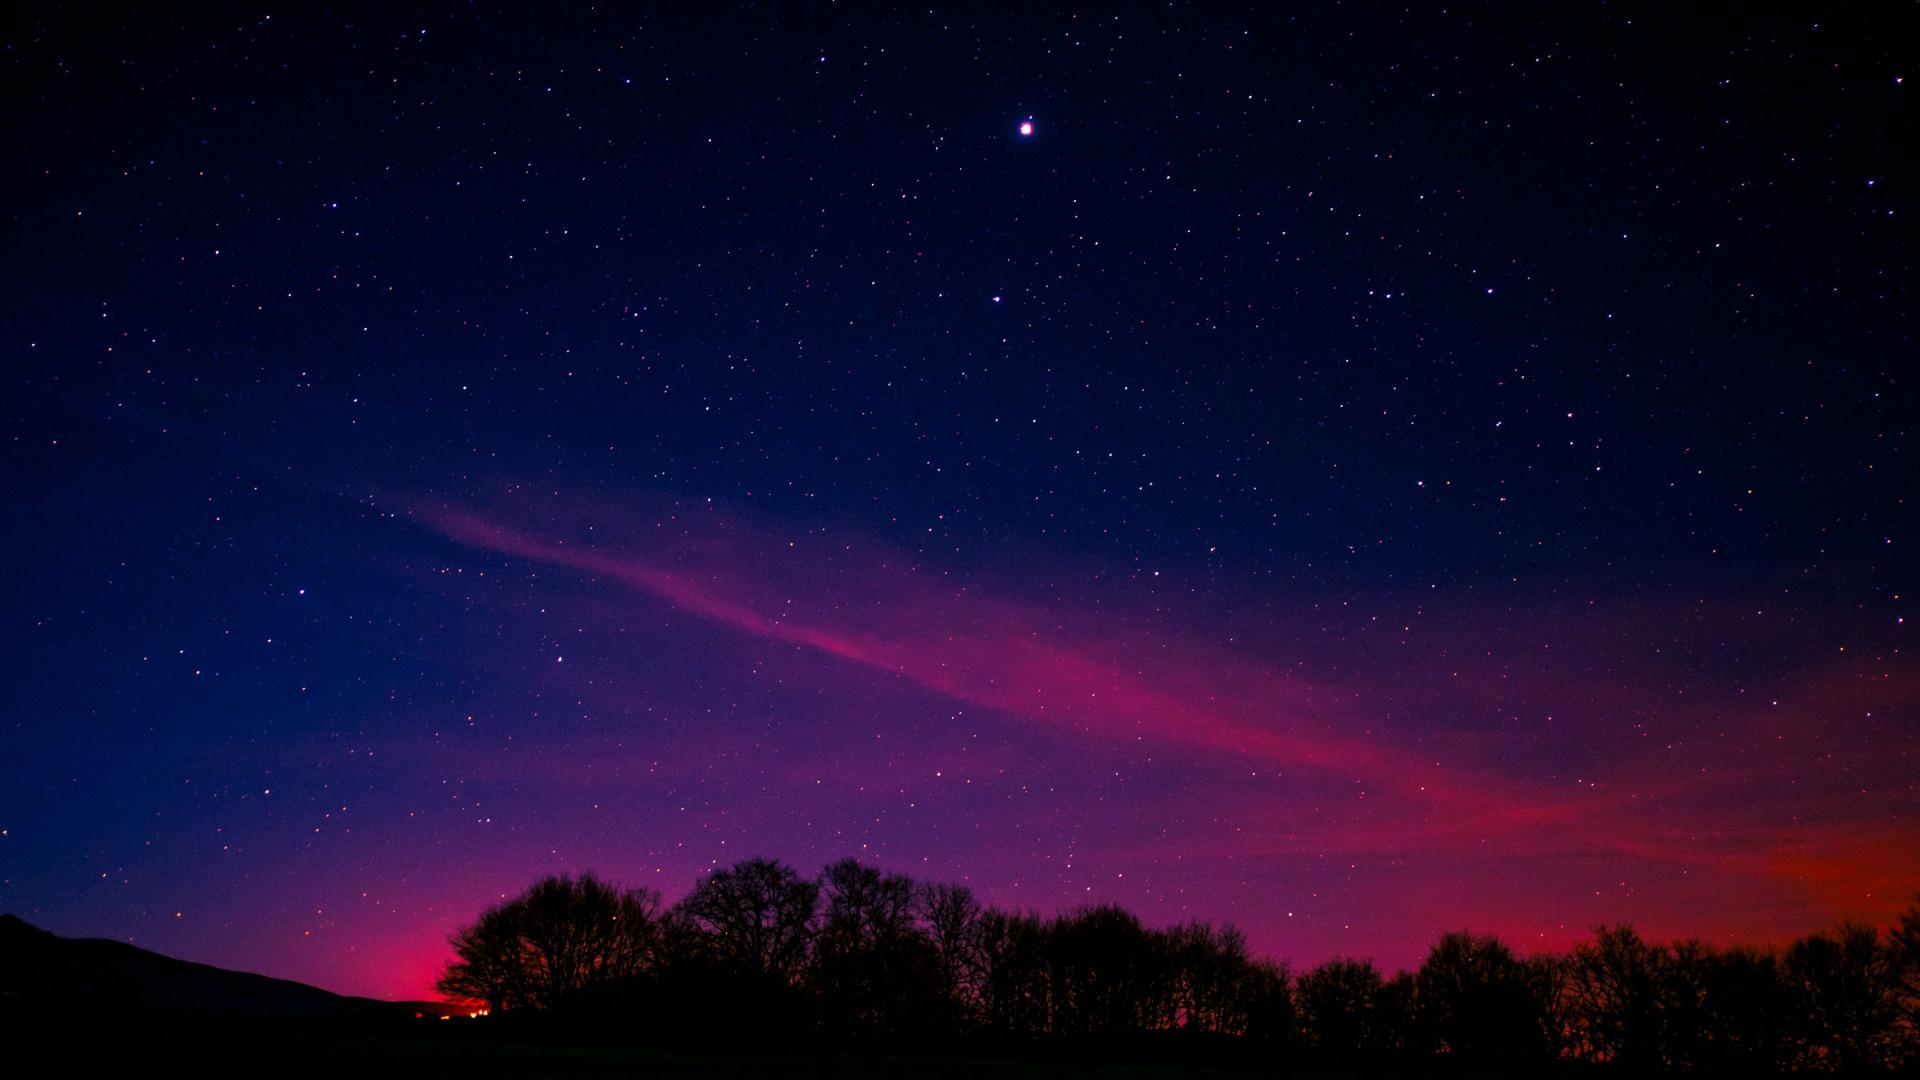 night sky wallpaper 1920x1080,sky,atmosphere,night,horizon,purple